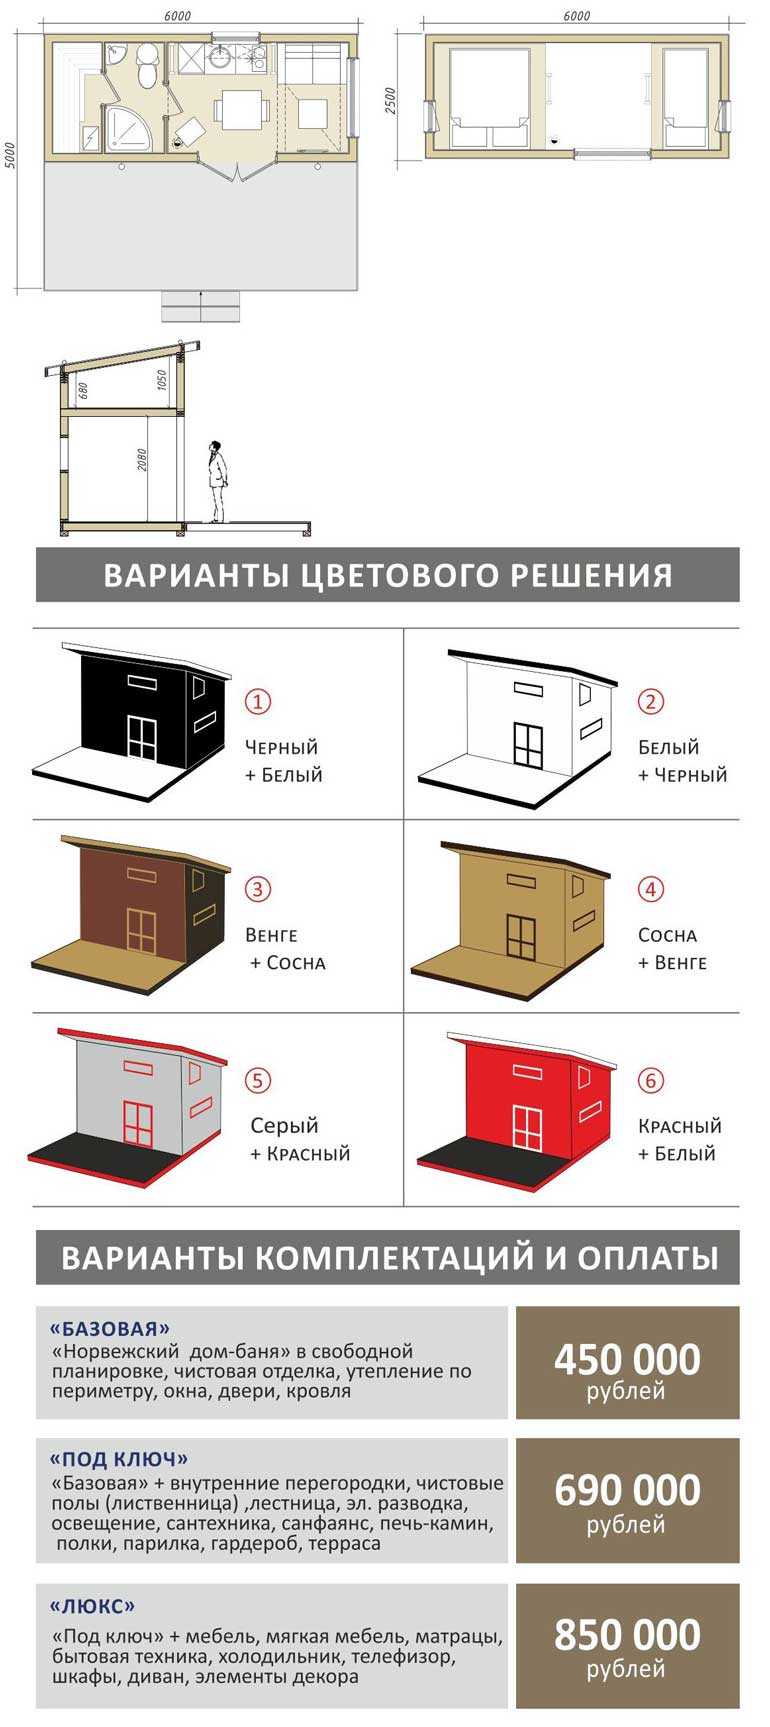 norvezhskiy-dom-banya-21-smart-montazh-za-1-den